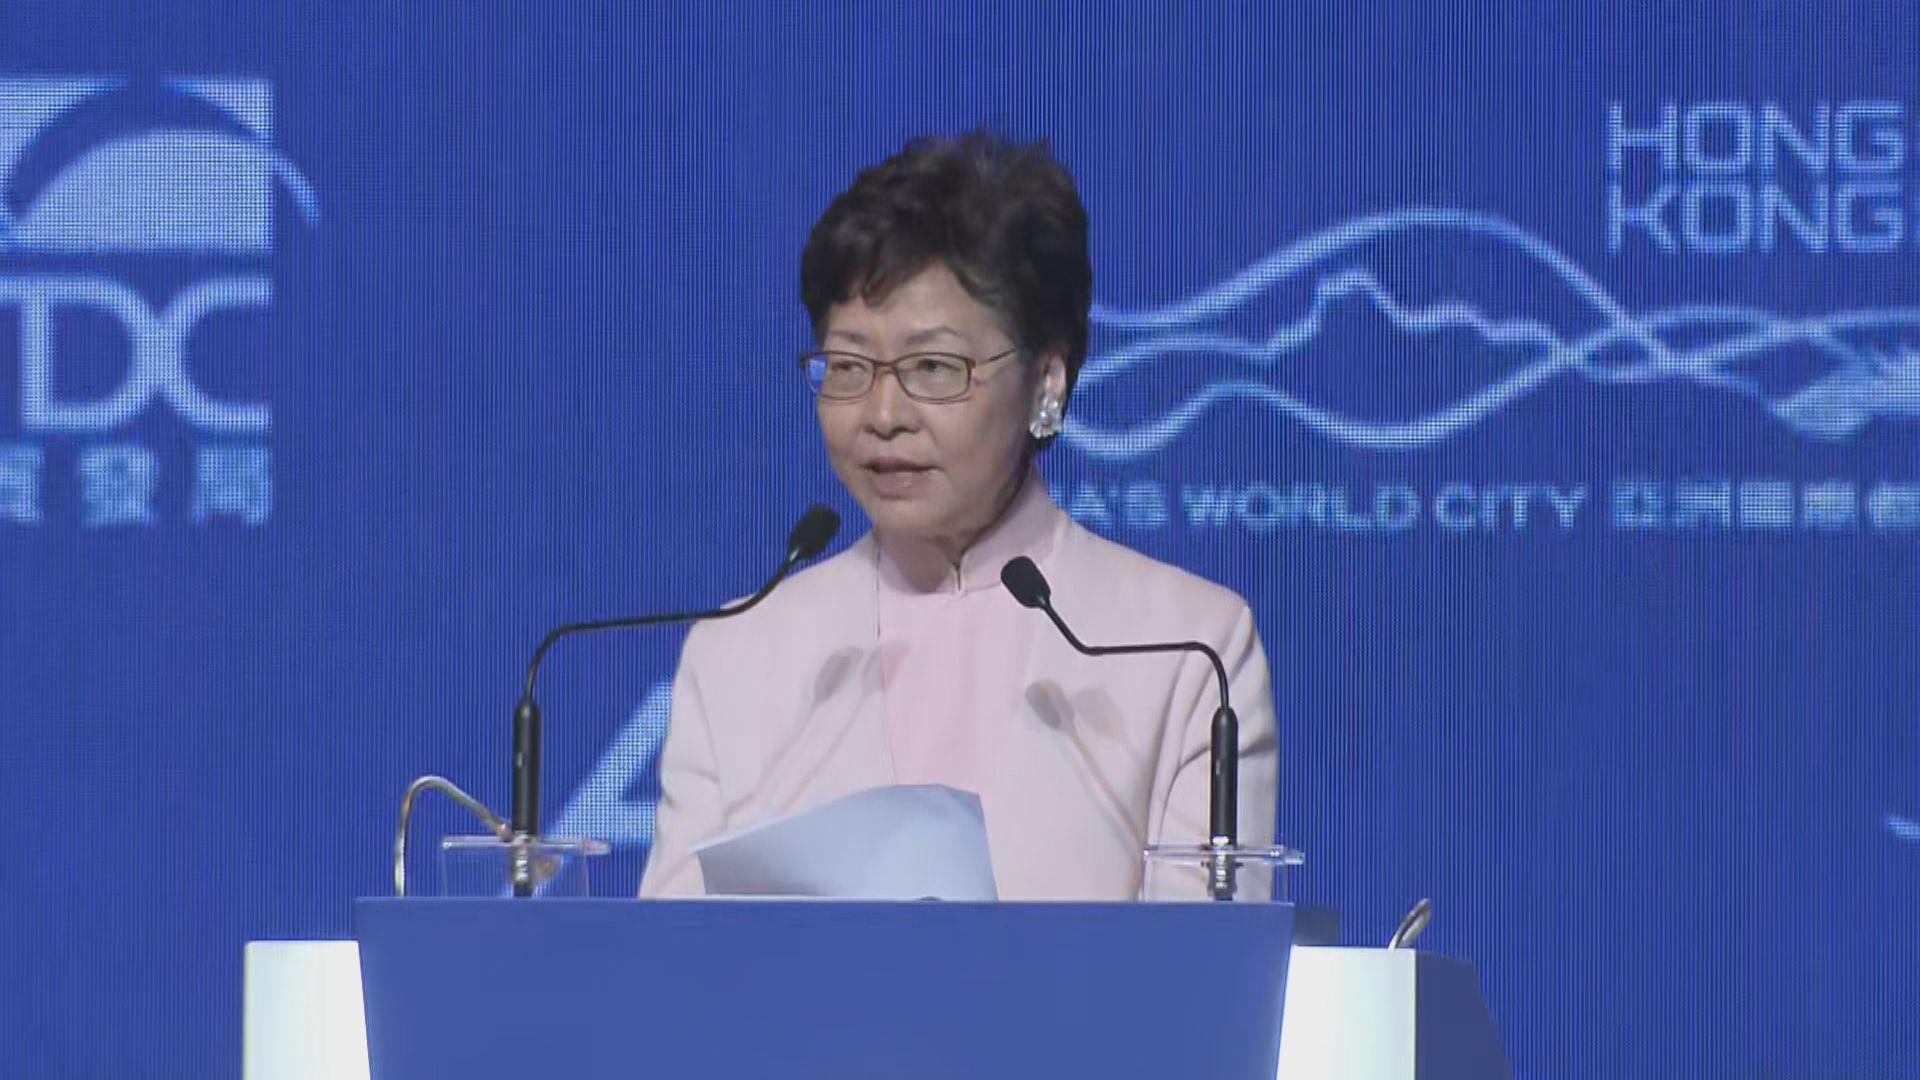 林鄭:港金融體系無受衝擊 相信能重新凝聚社會